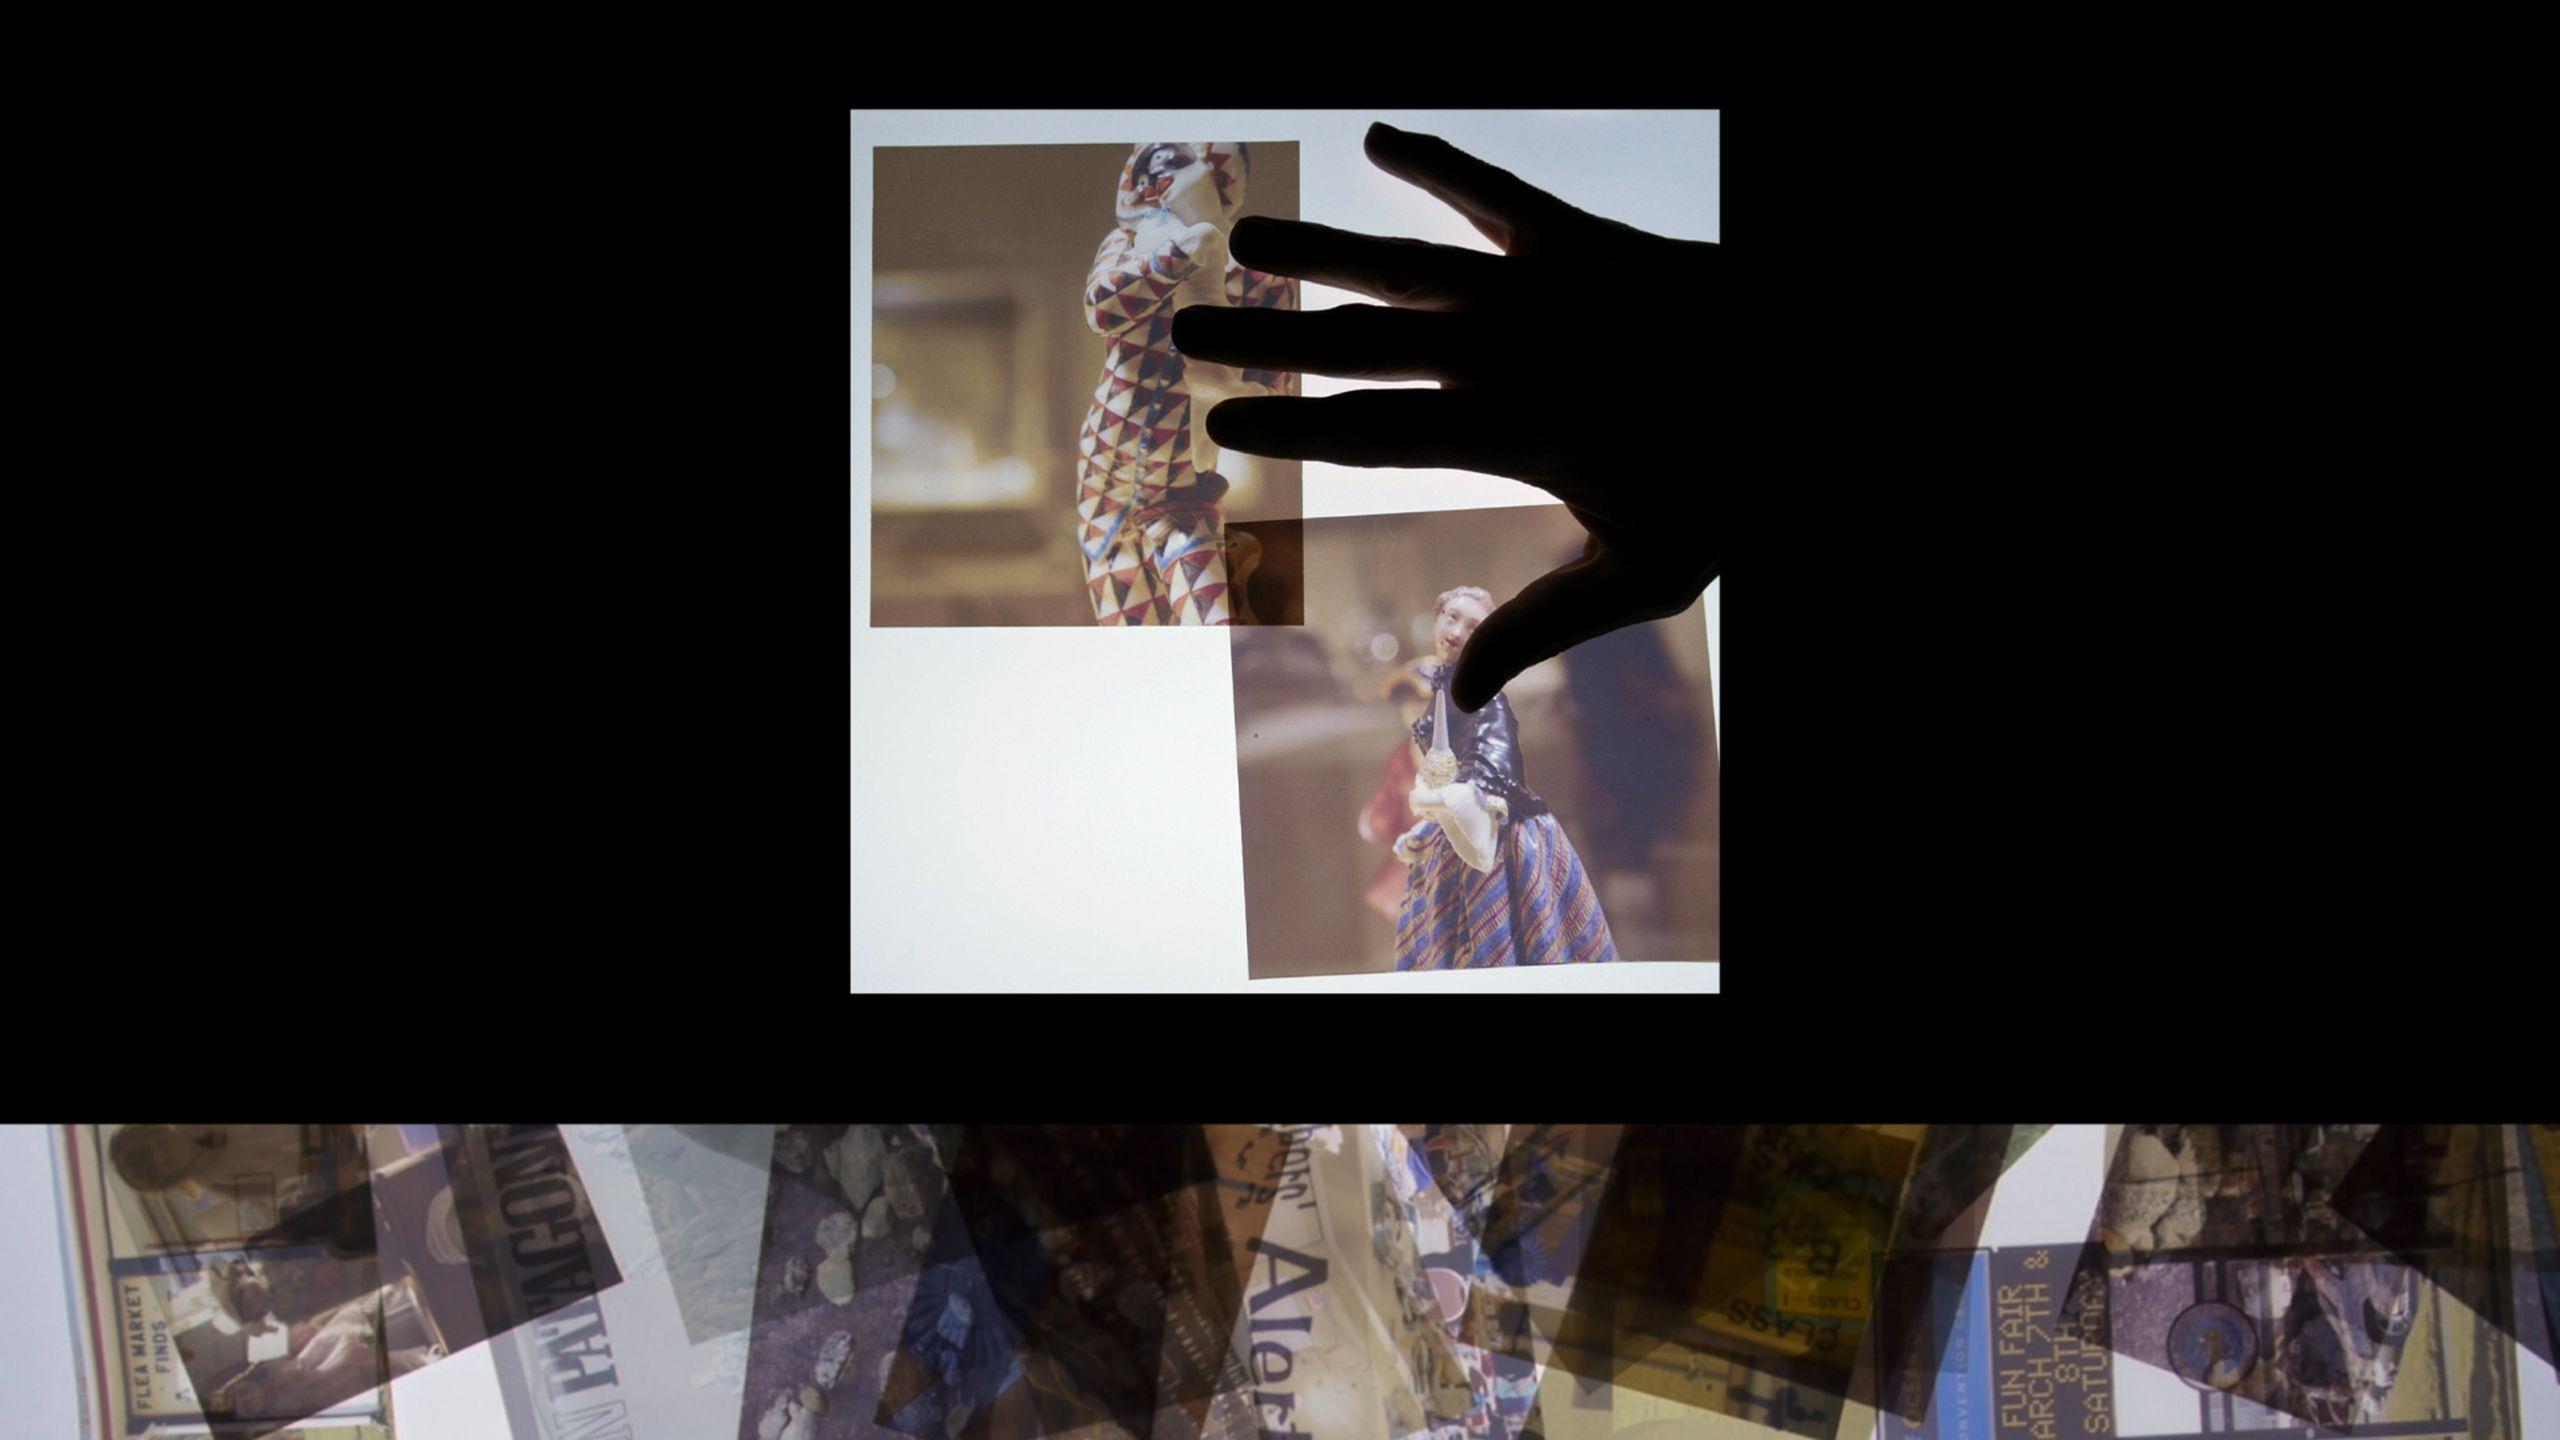 8ο Διεθνές Φεστιβάλ Κινηματογράφου Σύρου